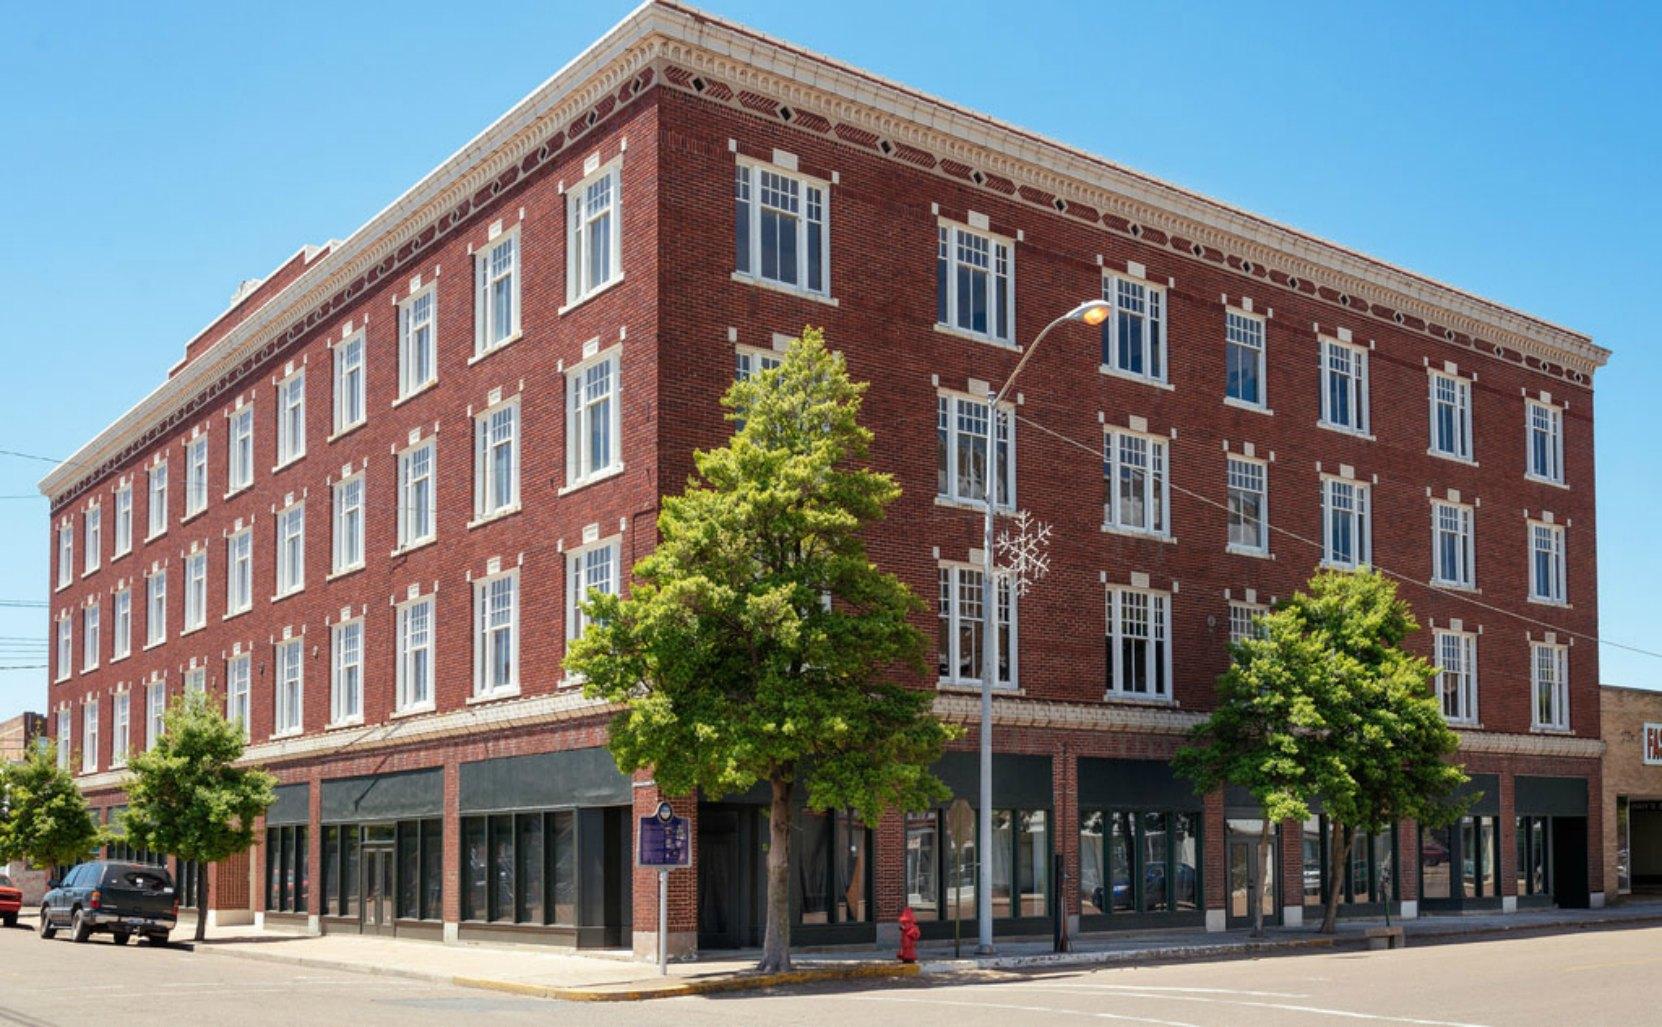 Alcazar Hotel, Clarksdale, Mississippi (photo: Flickr)